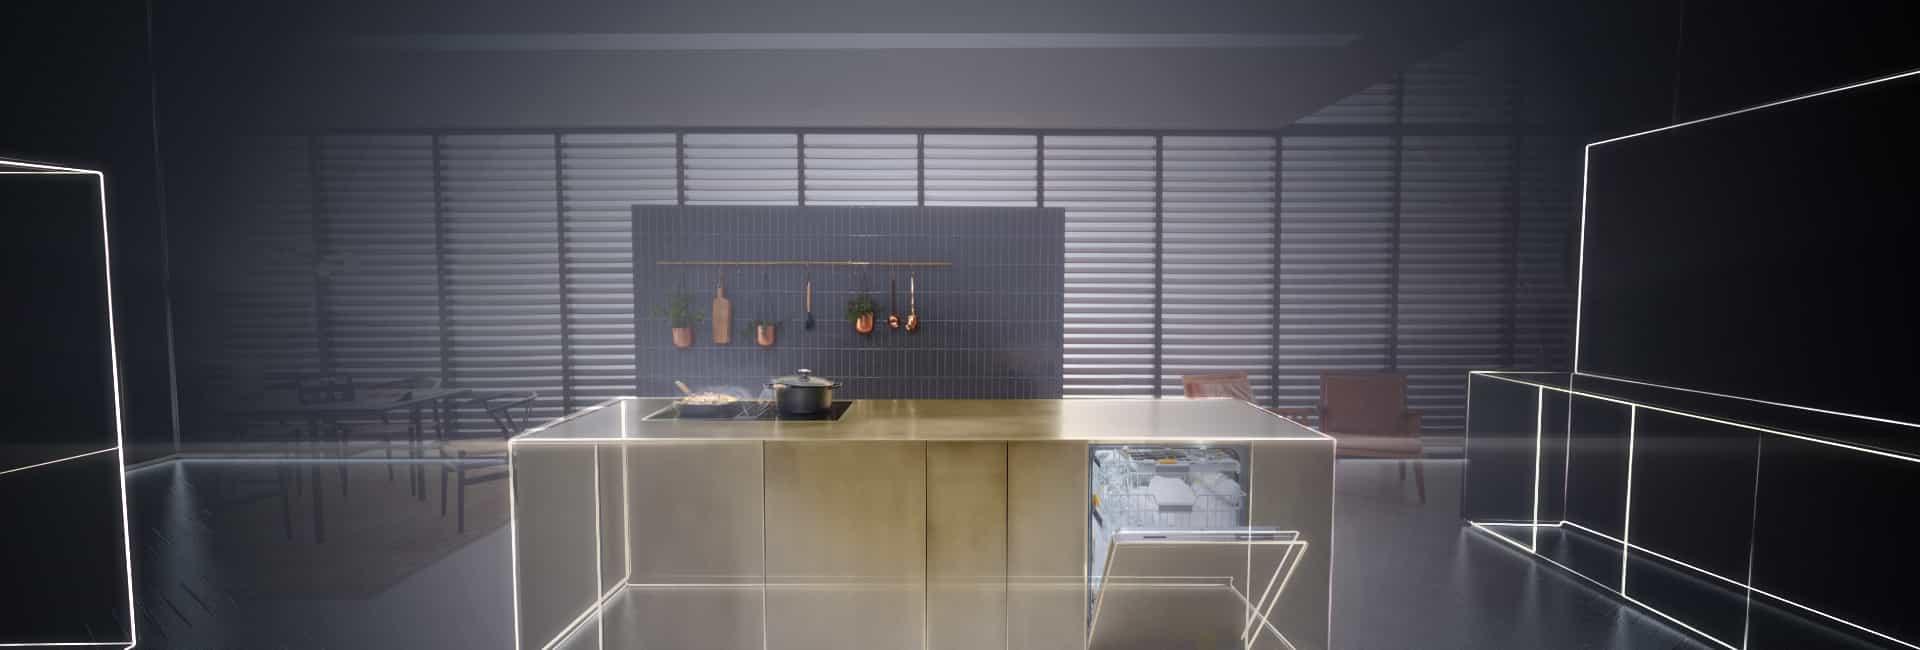 Berühmt Große Küche Design Geheimnisse Ideen - Ideen Für Die Küche ...